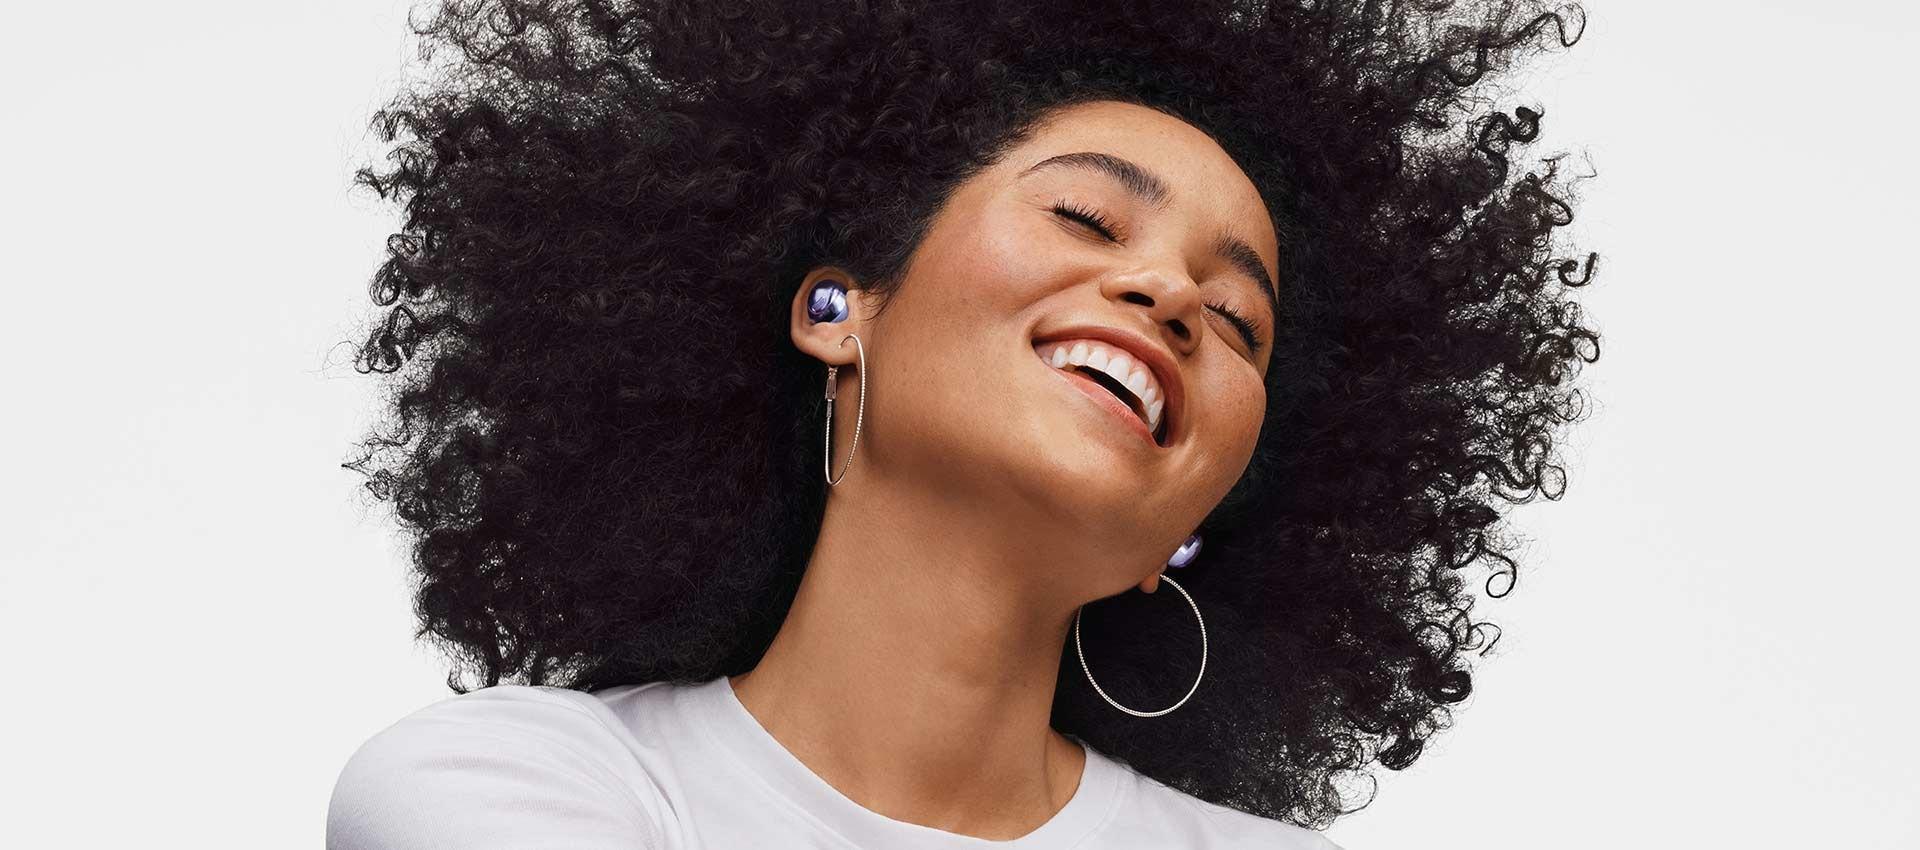 Una mujer sonríe inclinando su cabeza hacia atrás mientras usa los Galaxy Buds Pro.